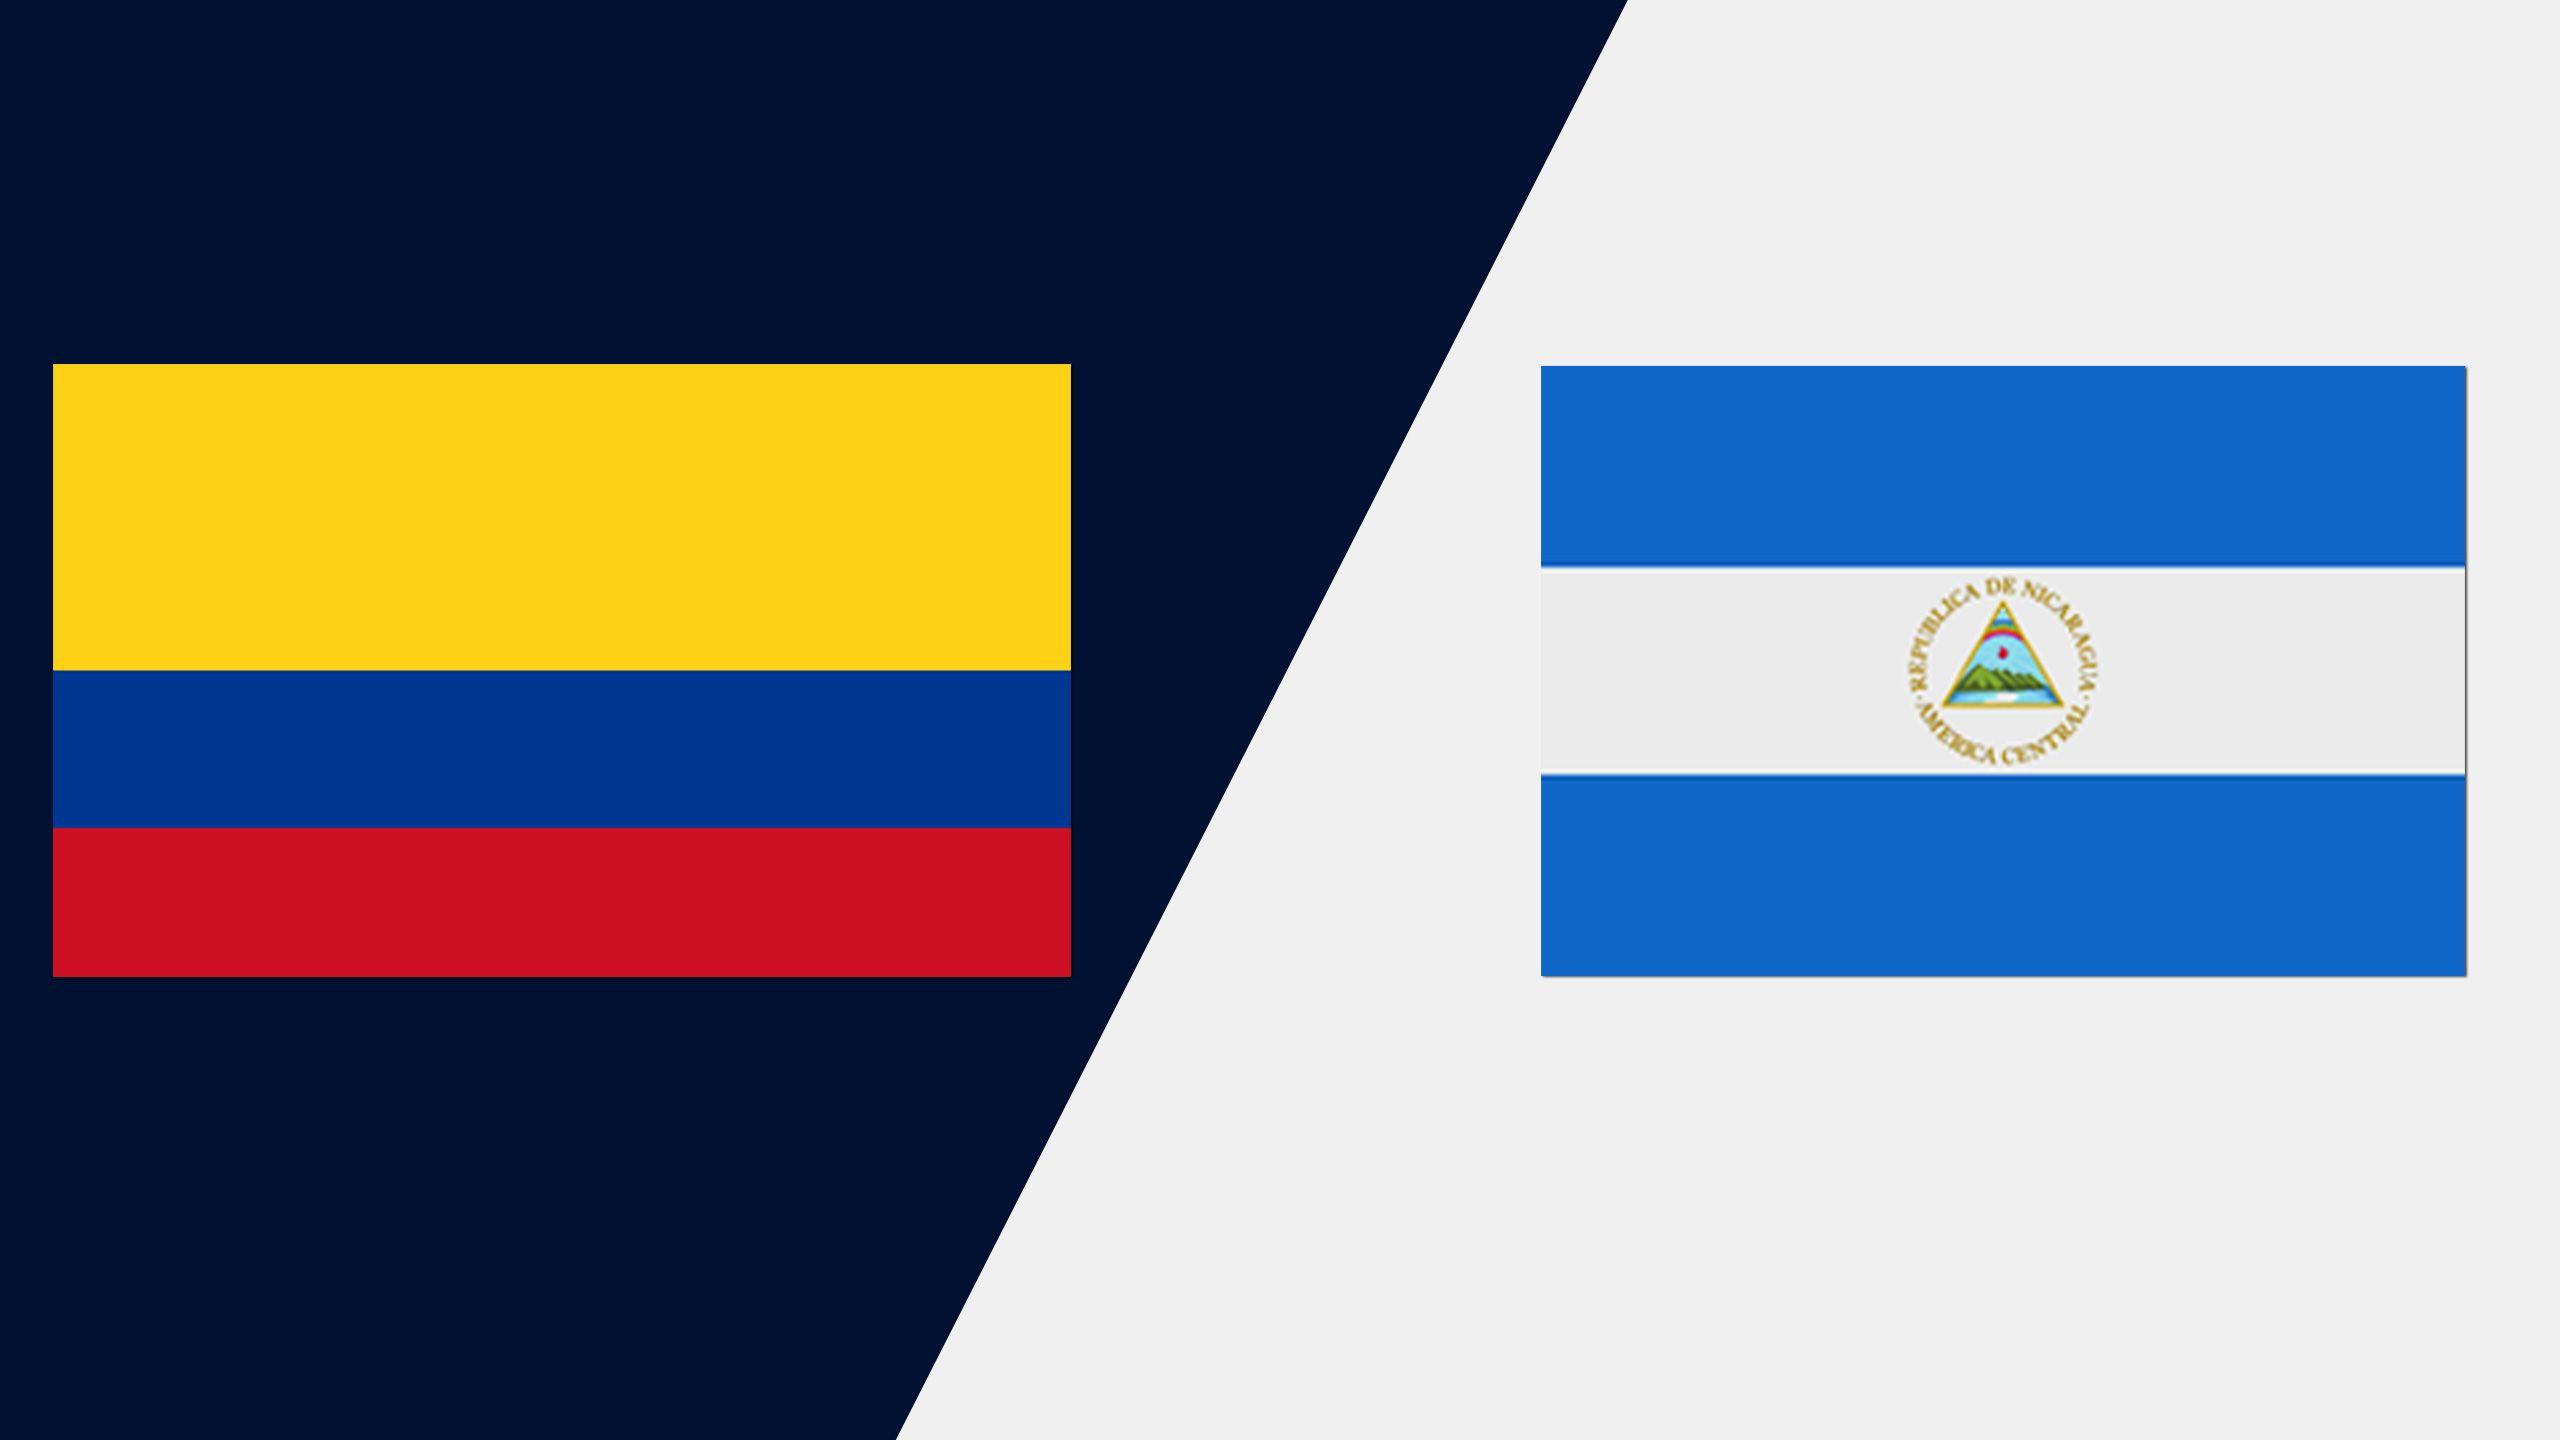 In Spanish - Colombia vs. Nicaragua